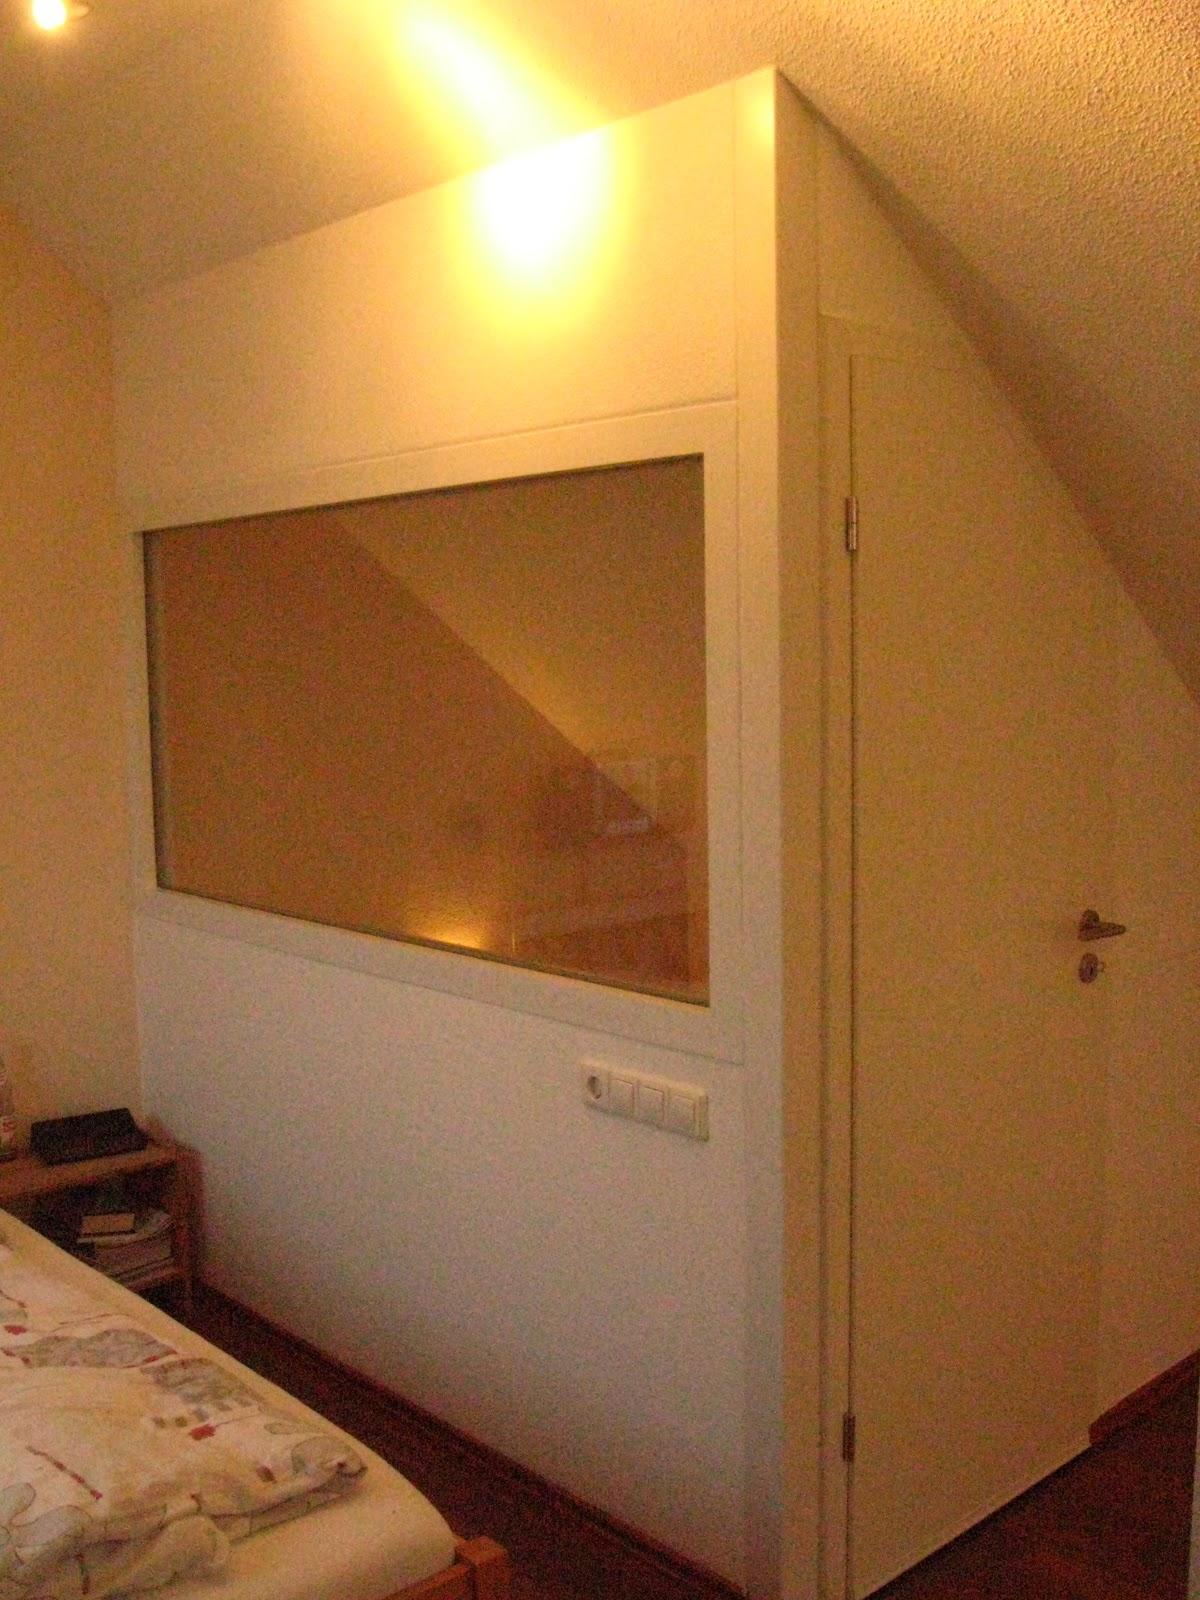 einbauschrankprojekt raumteiler t r mit dachschr ge. Black Bedroom Furniture Sets. Home Design Ideas